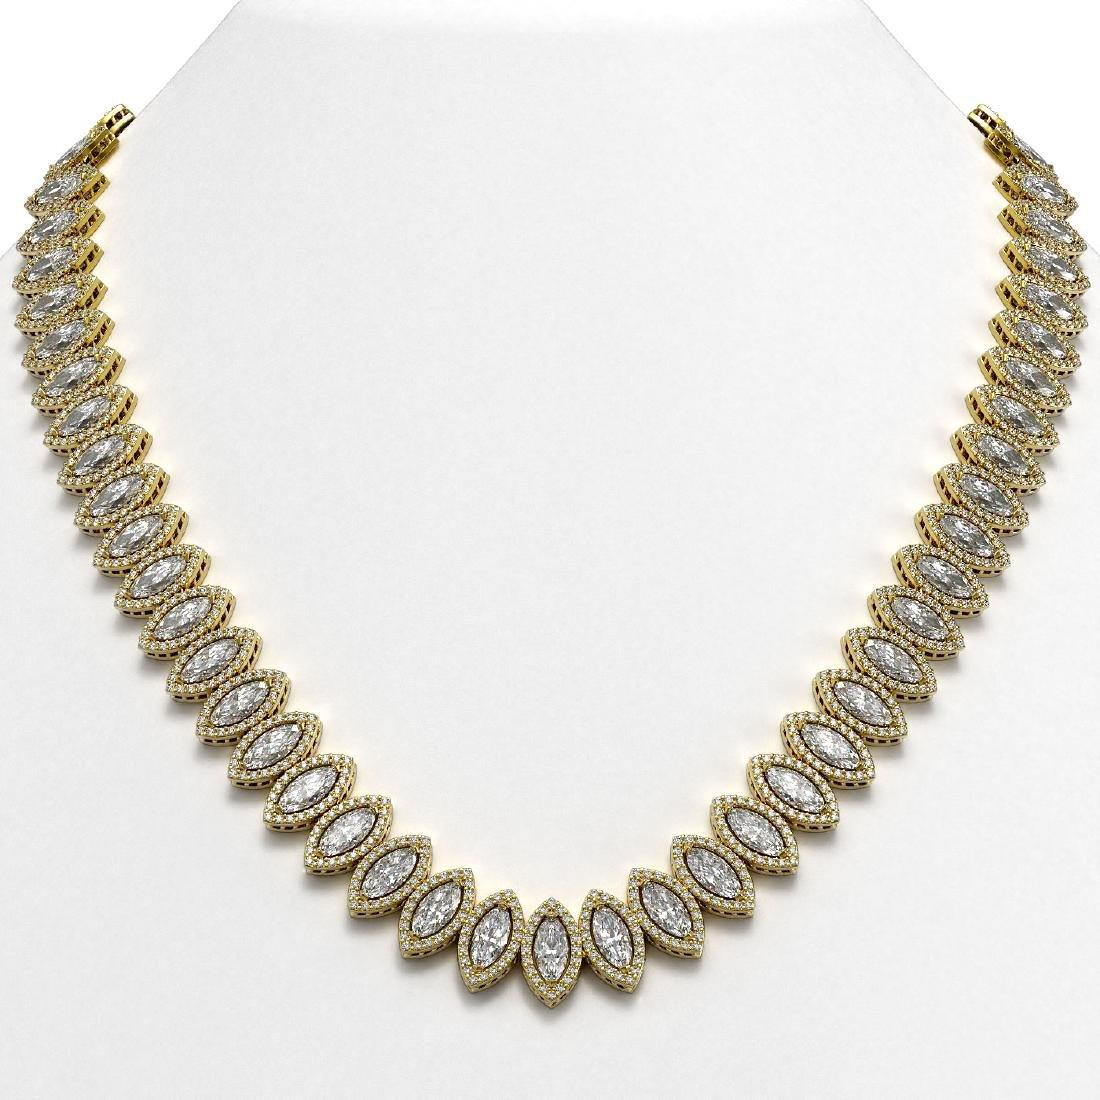 47.12 CTW Marquise Diamond Designer Necklace 18K Yellow